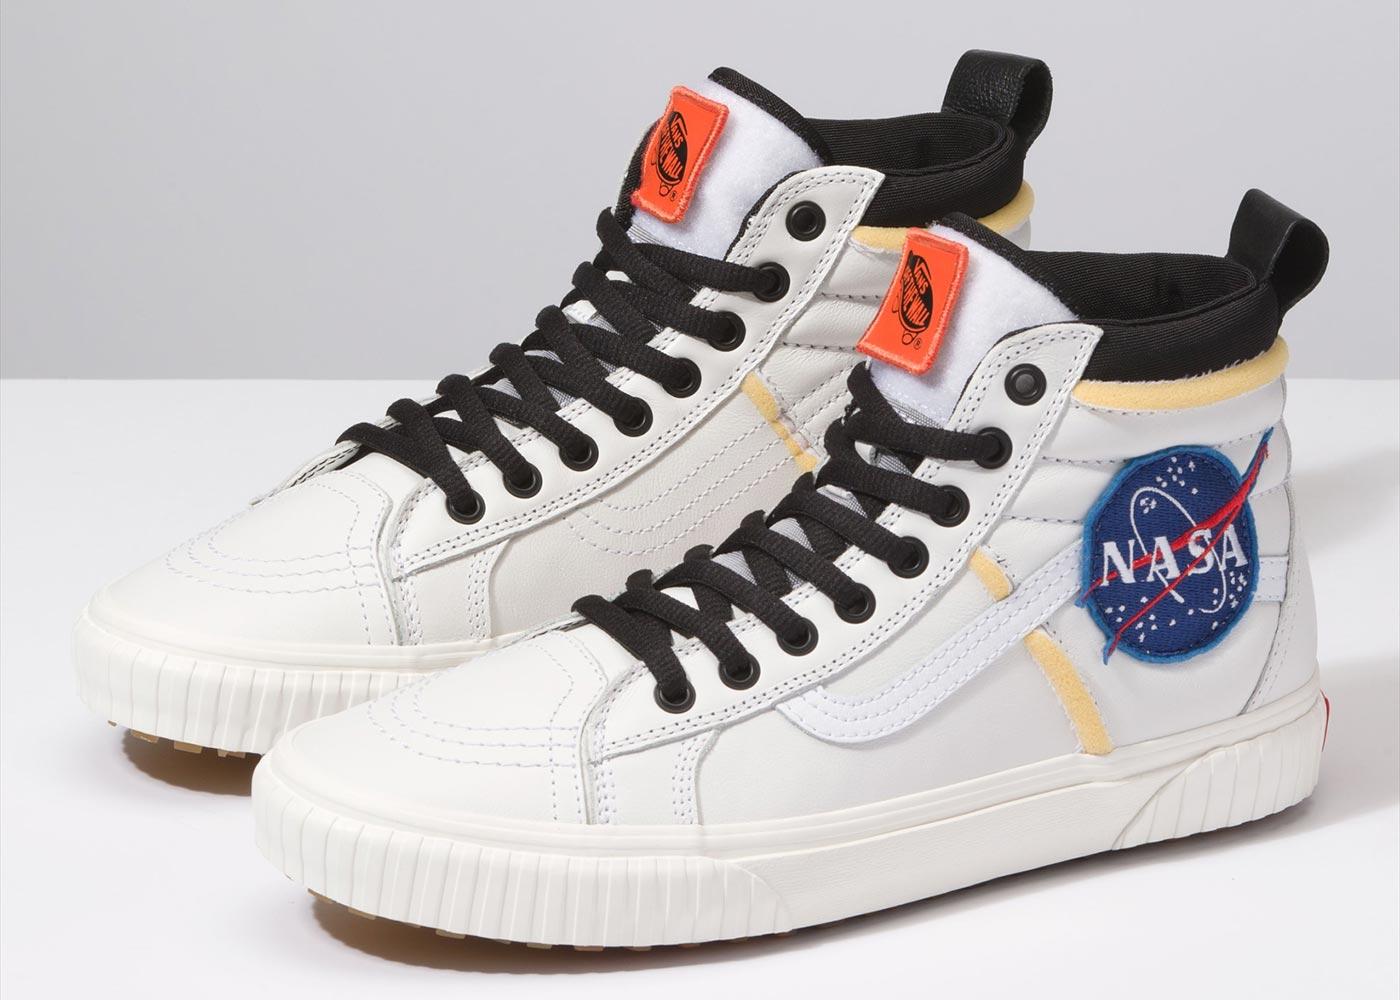 6b3c8c326d Vans x Space Voyager Sk8-Hi 46 MTE DX High Top Shoes